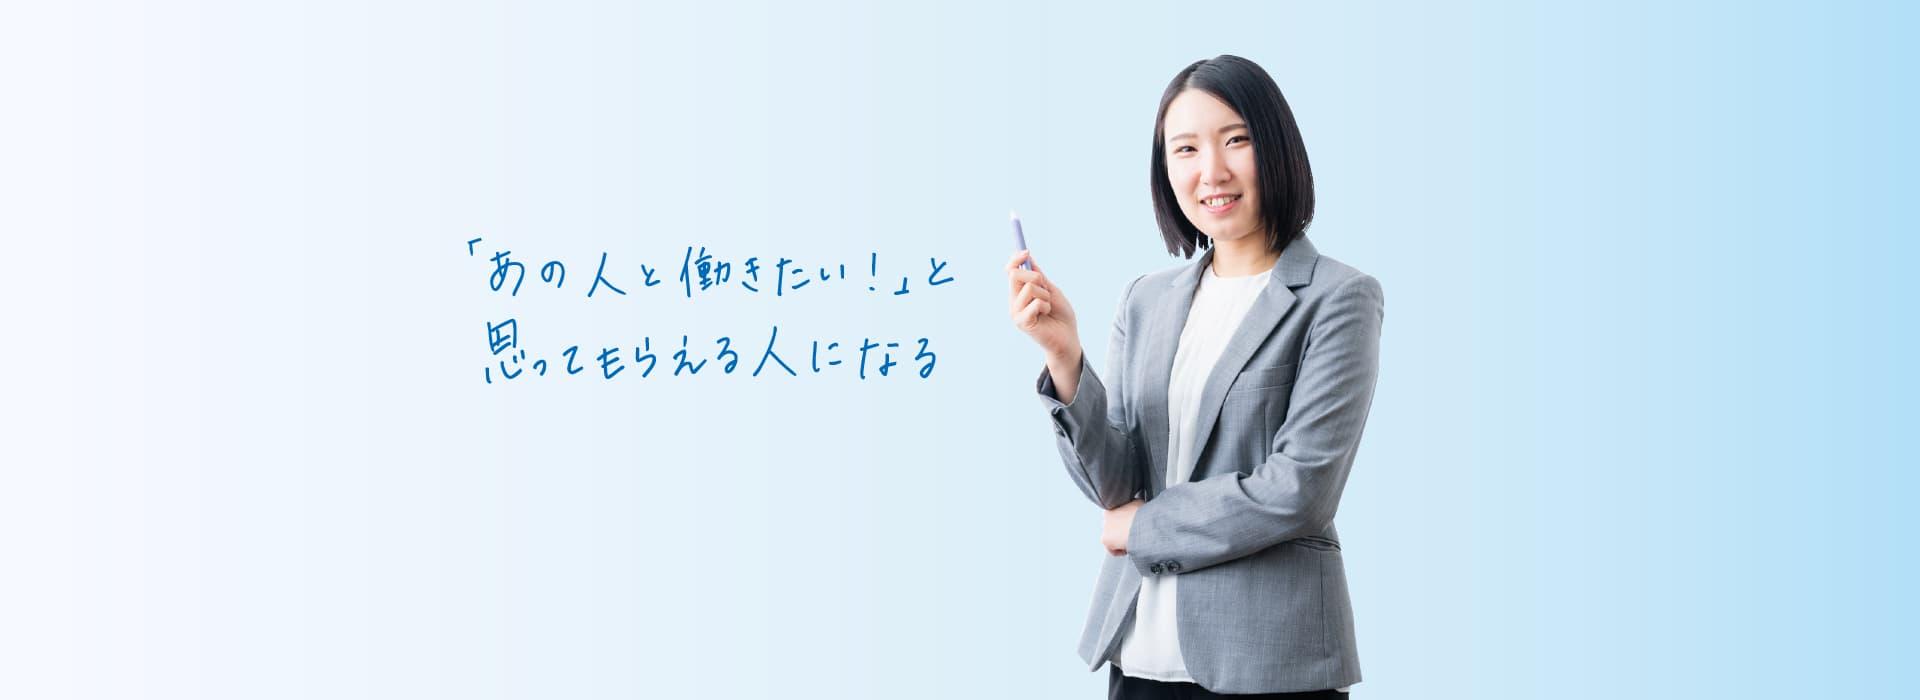 先輩紹介05